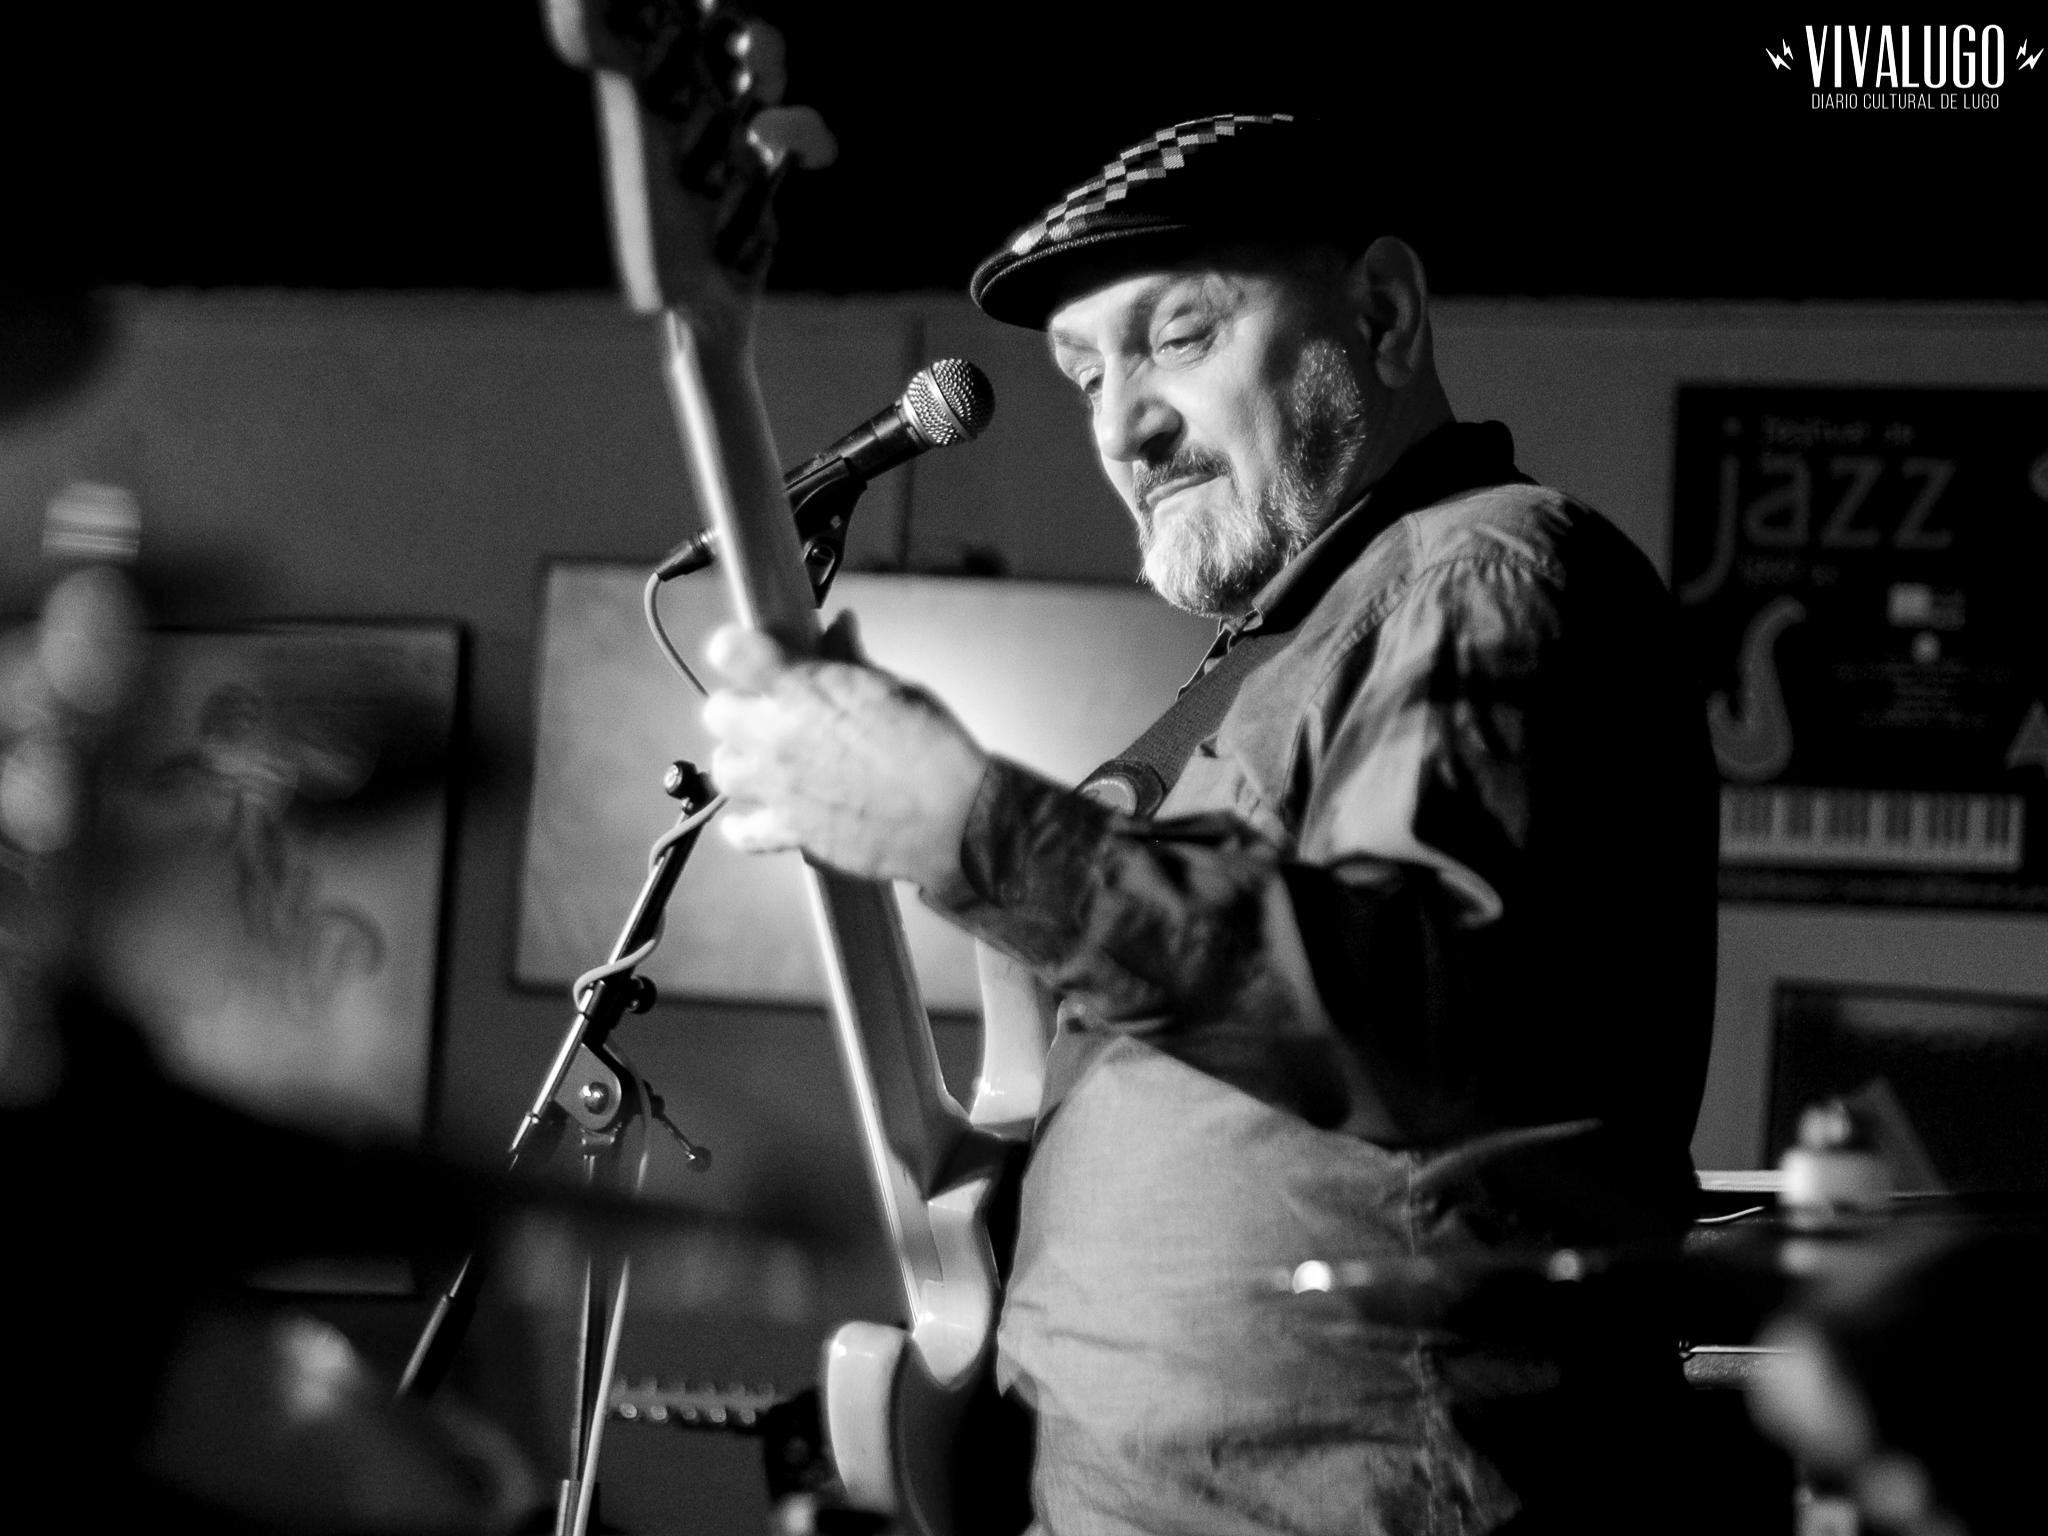 Fotografías: Lagarto Zulú en el Club Clavicémbalo de Lugo